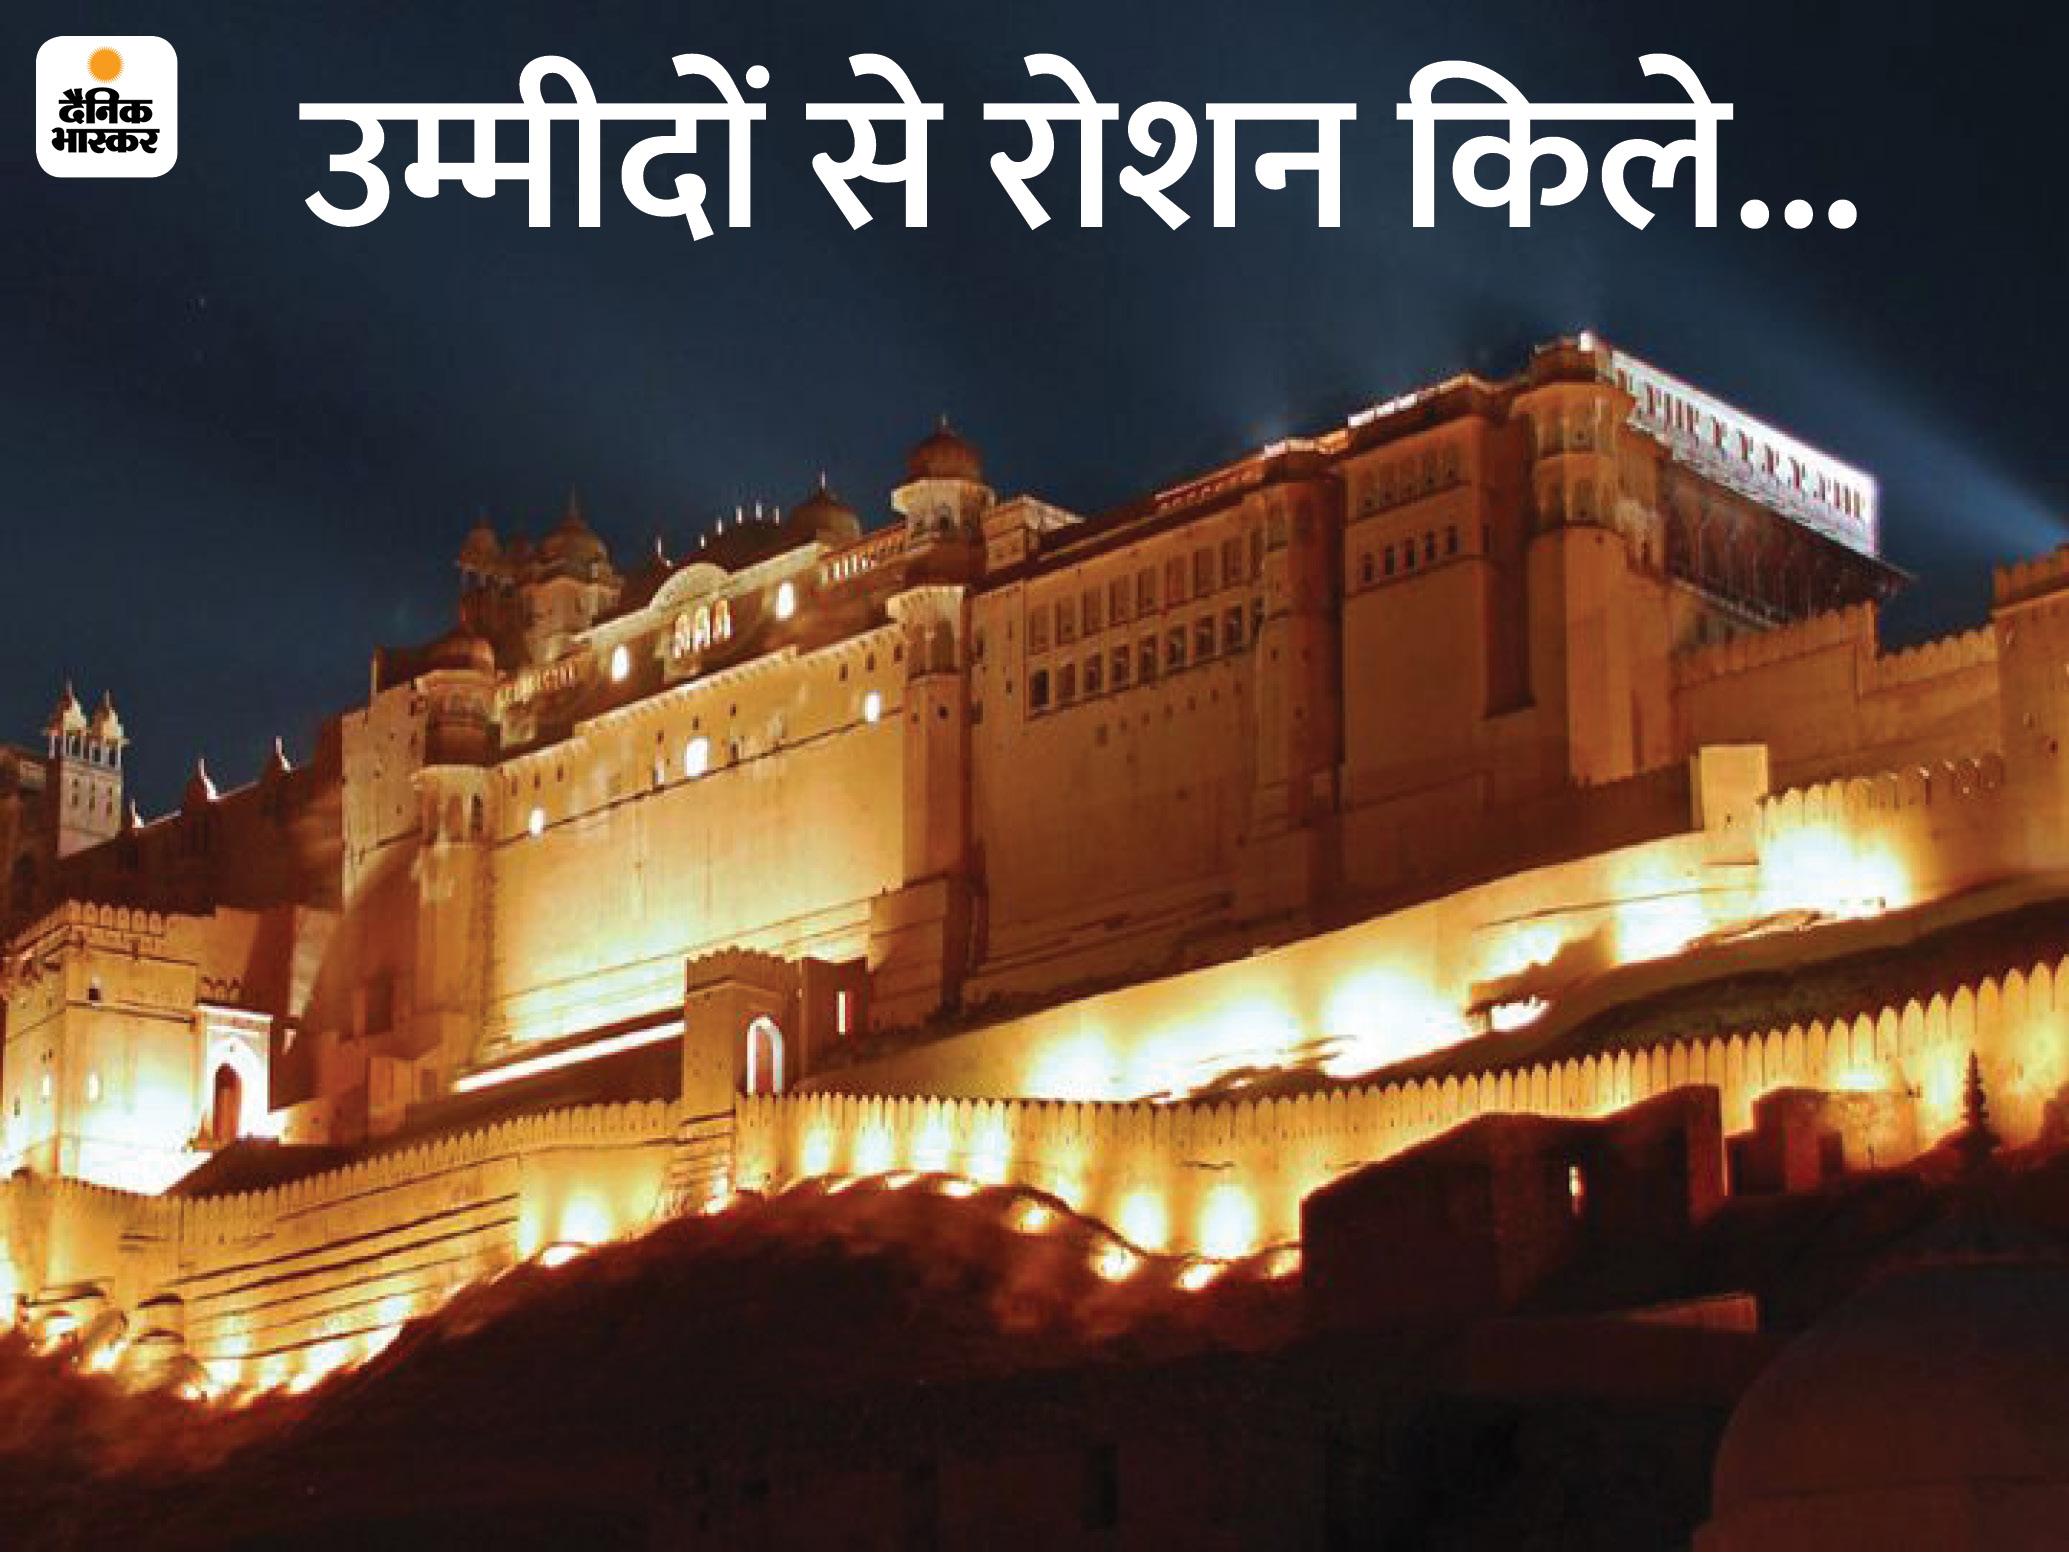 राजस्थान के होटलों में सिर्फ 20% बुकिंग, जयपुर आए टूरिस्ट टूर प्रोग्राम कैंसिल कर लौटने लगे जयपुर,Jaipur - Dainik Bhaskar